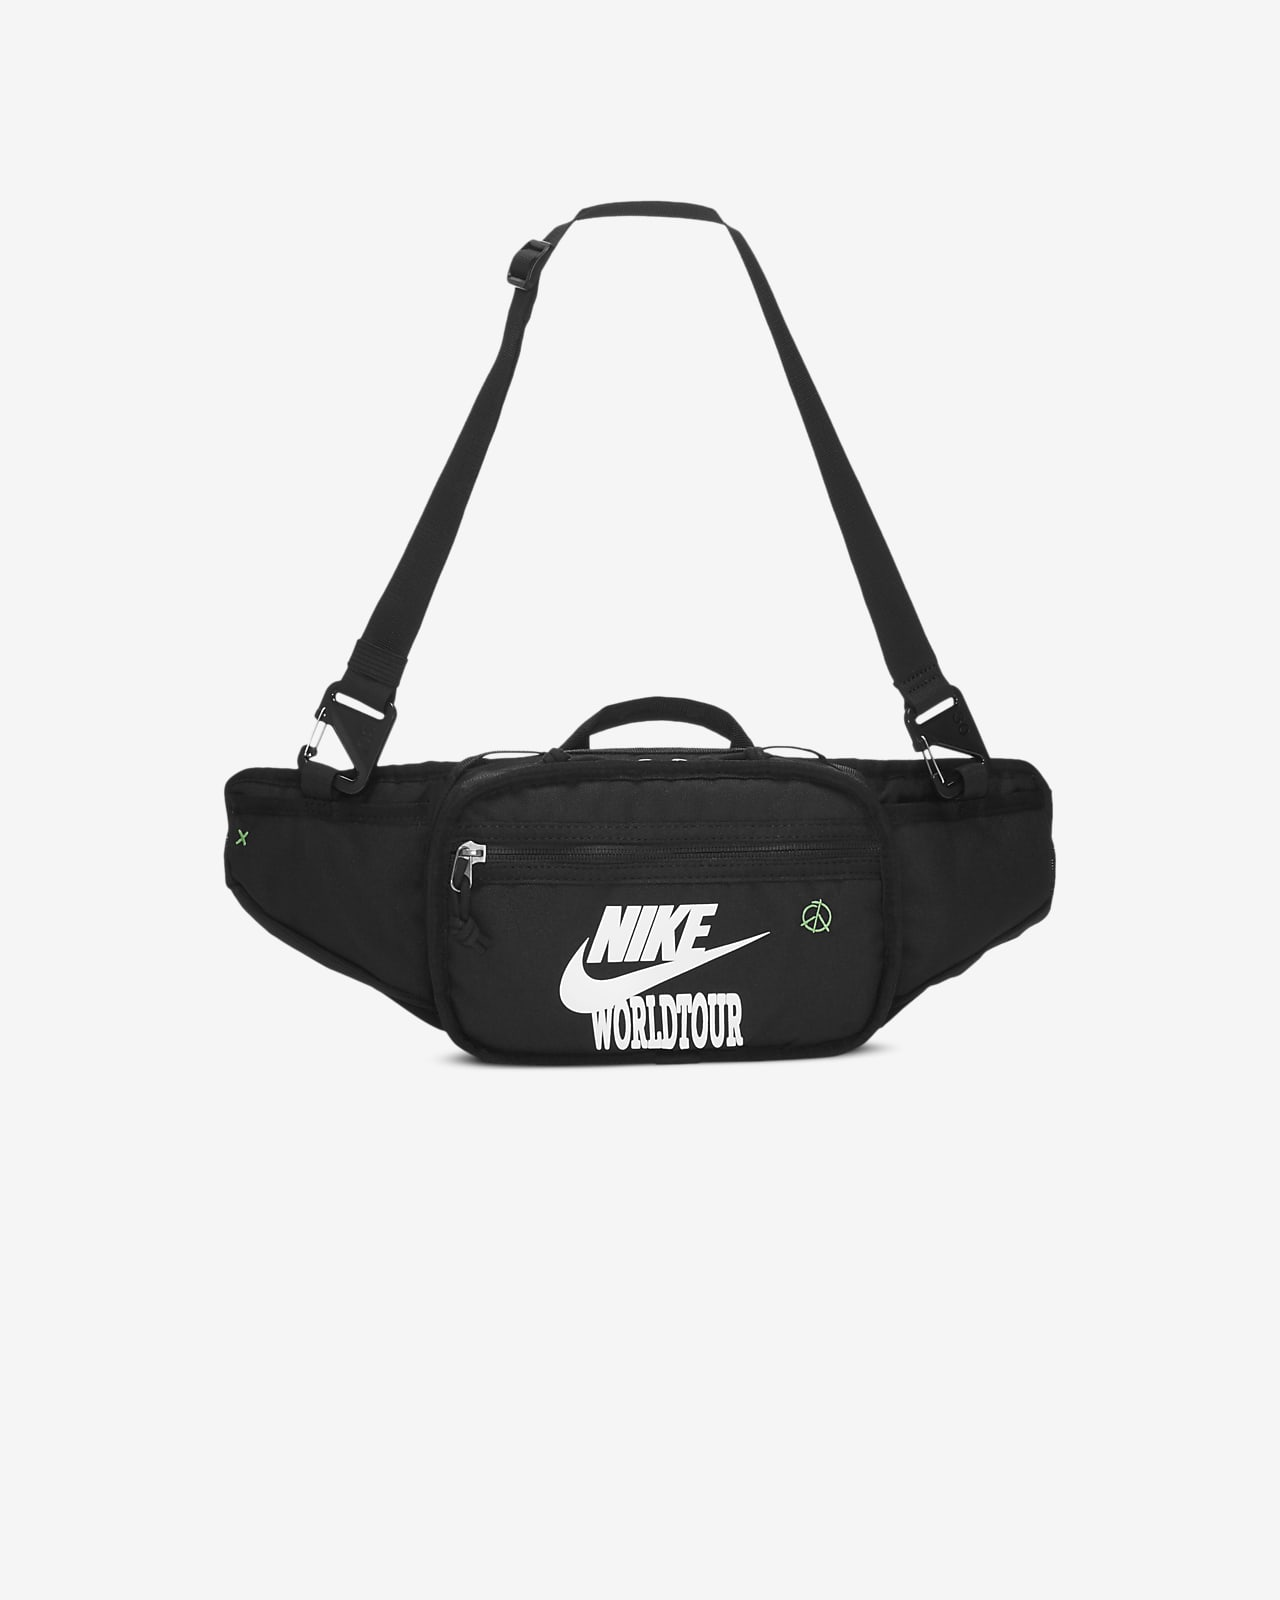 Nike Sportswear RPM Small Item Bag